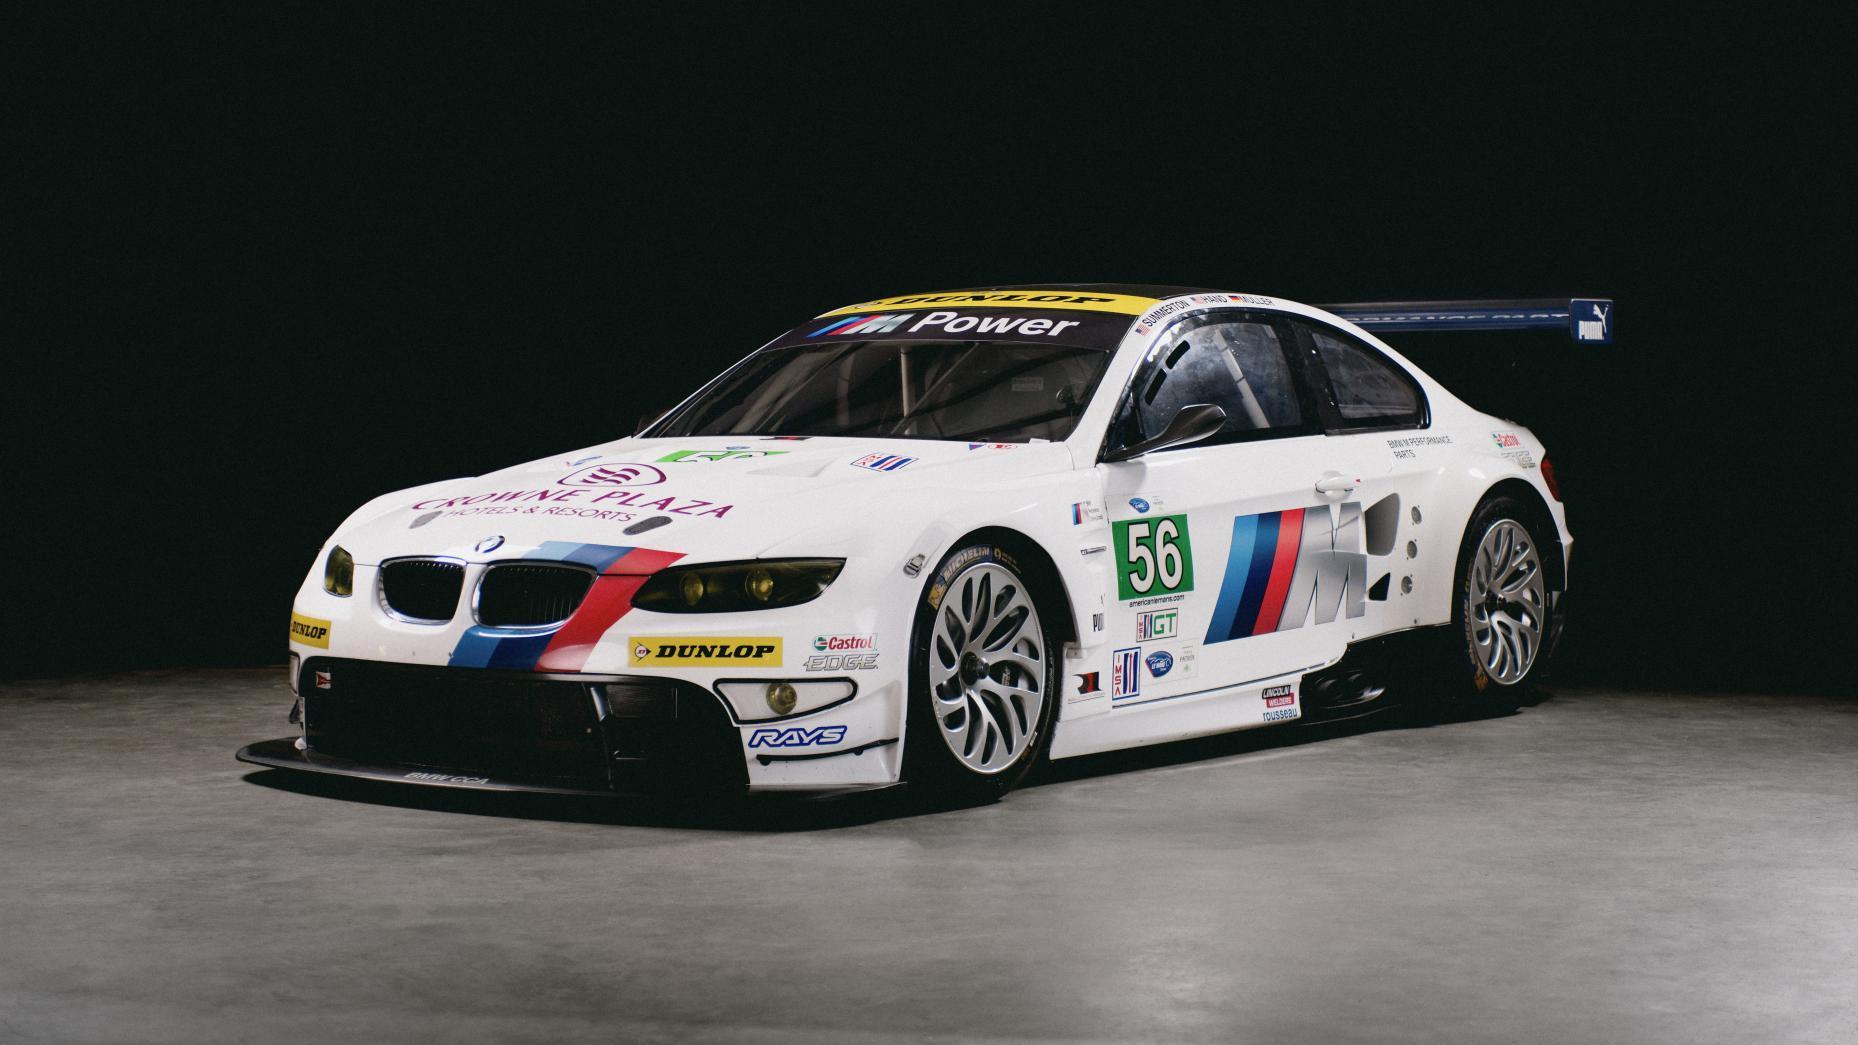 2011 BMW M3 GT IMSA Champion